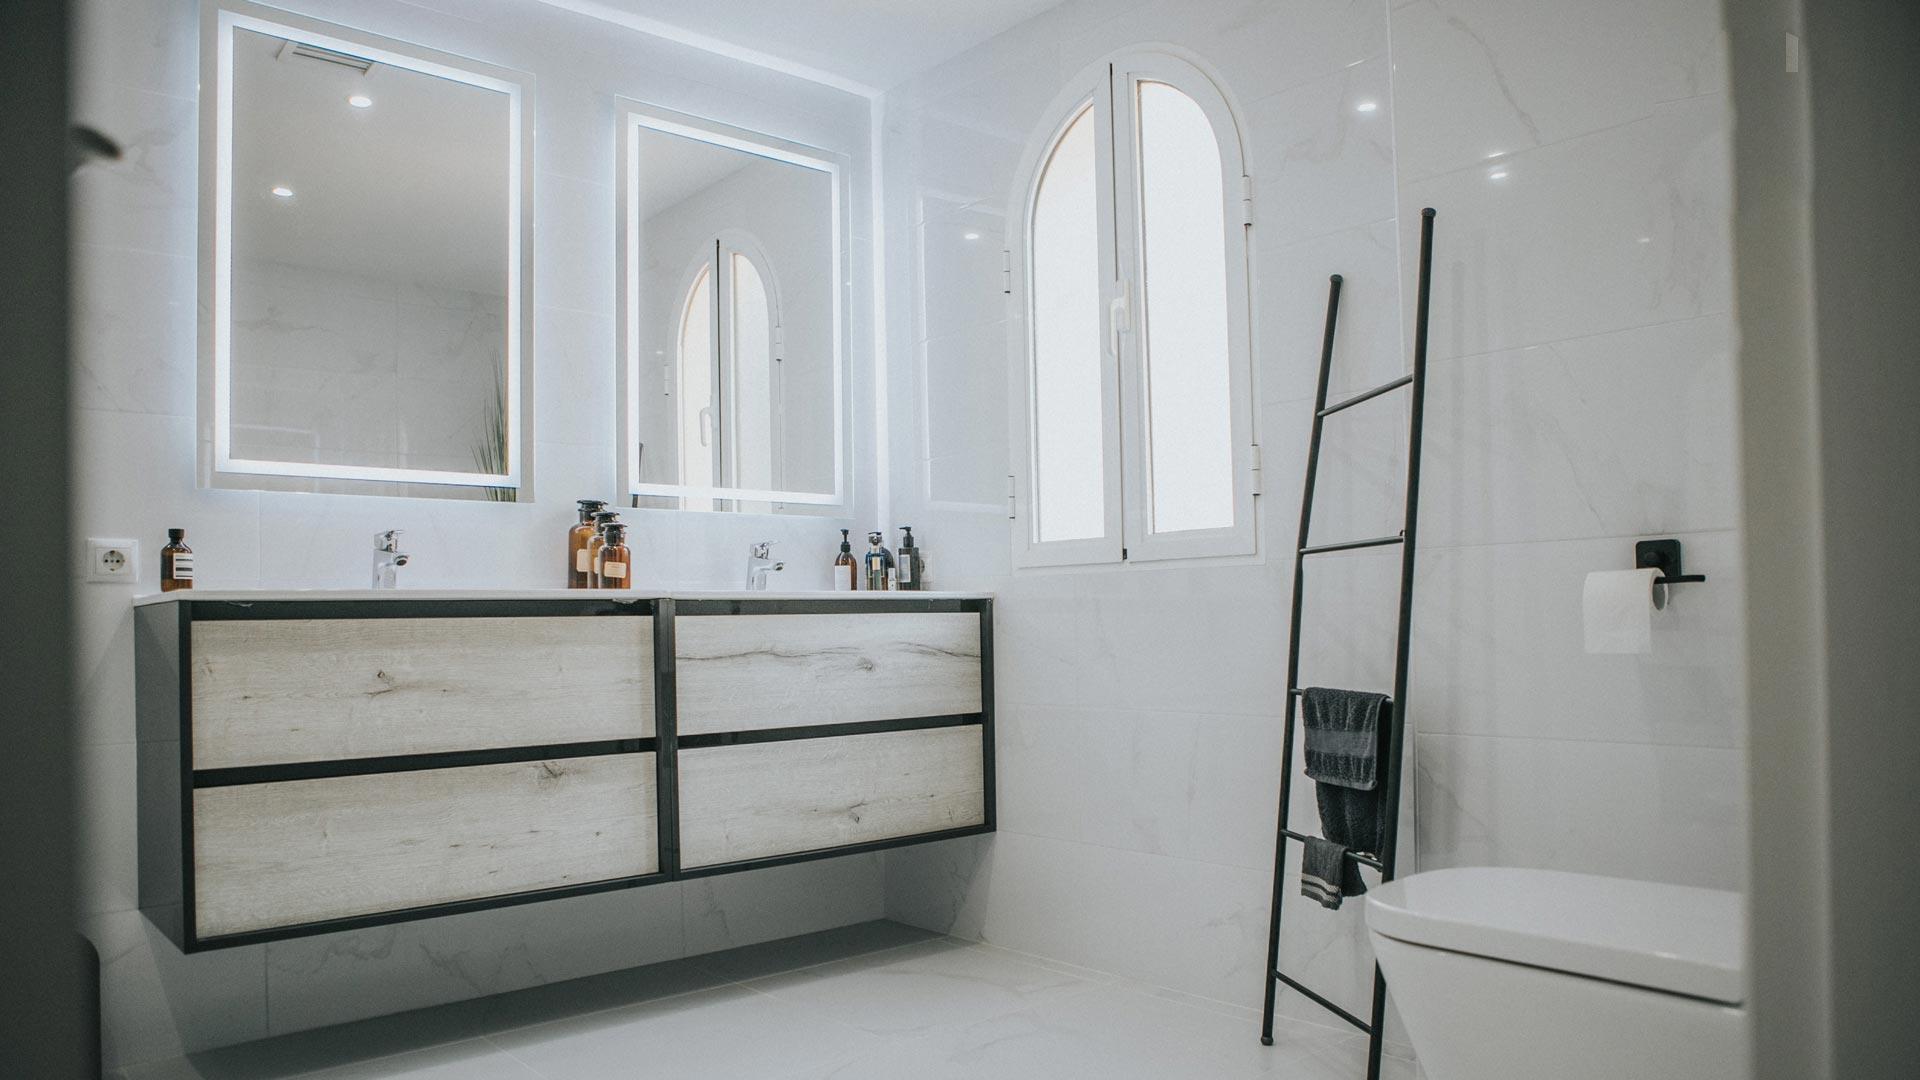 aseos-murcia-cartagena-bath-alarconcocinas-kitchen-reforms